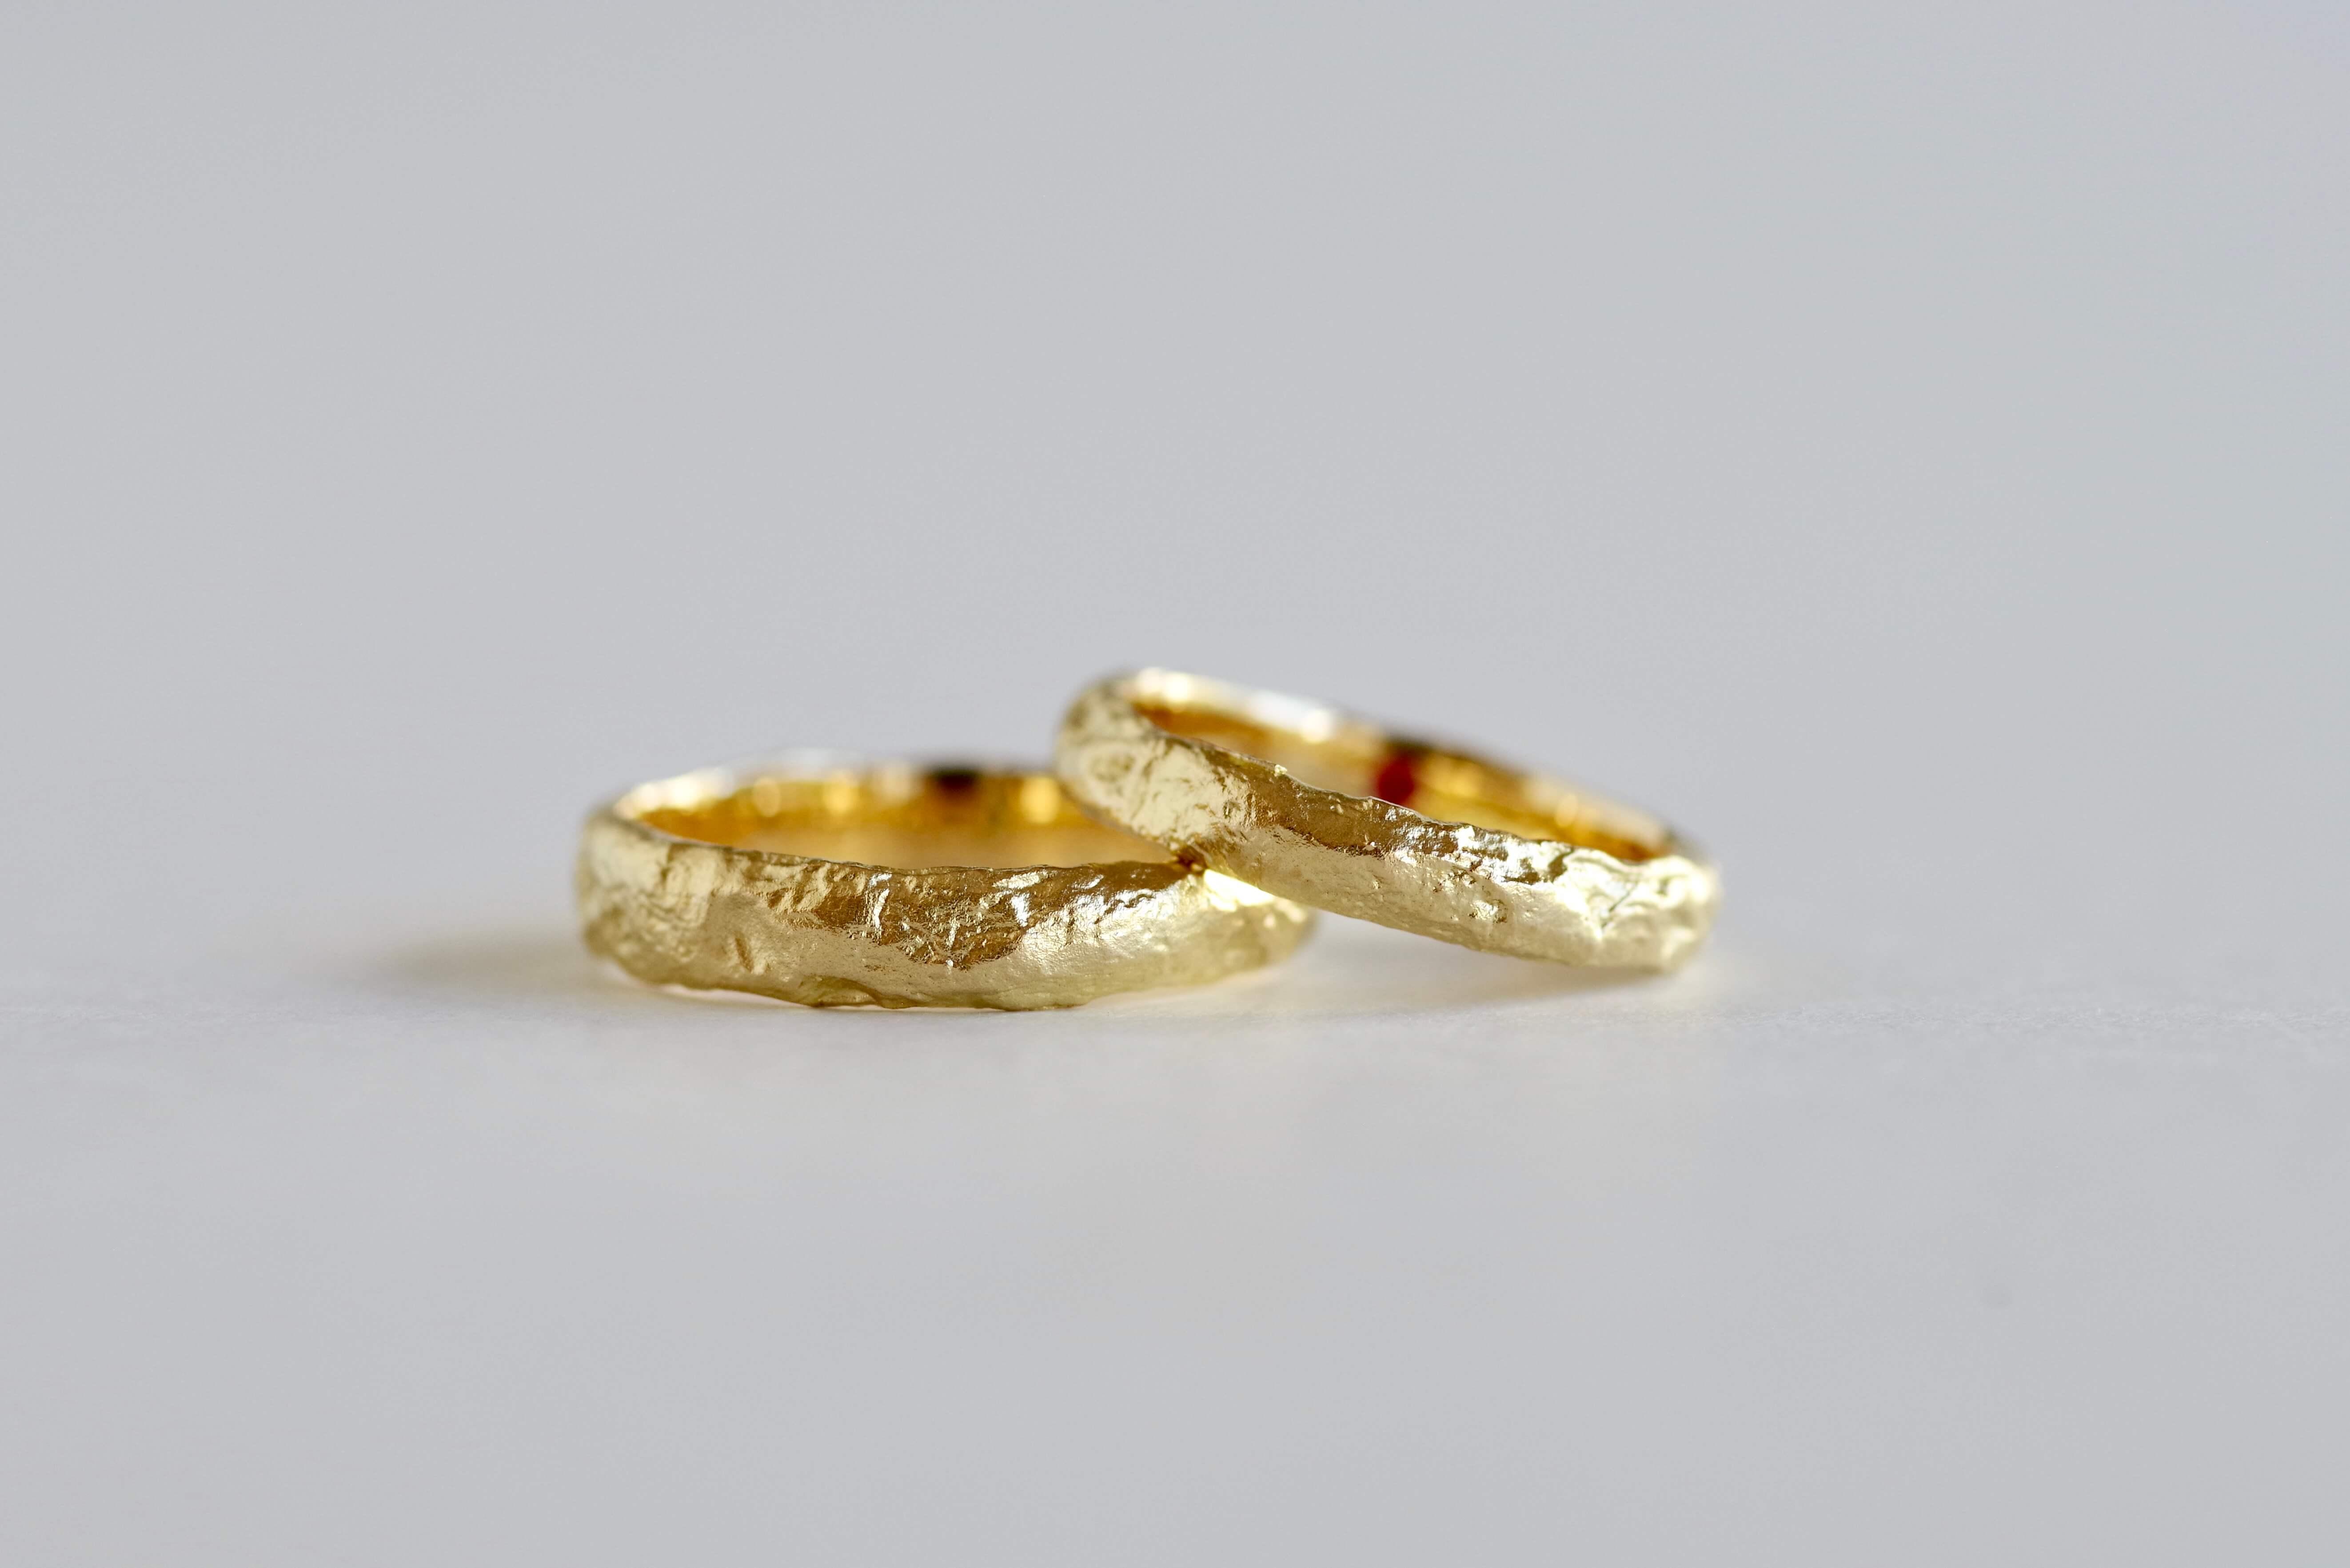 結婚指輪 オーダーメイド レティキュレーション